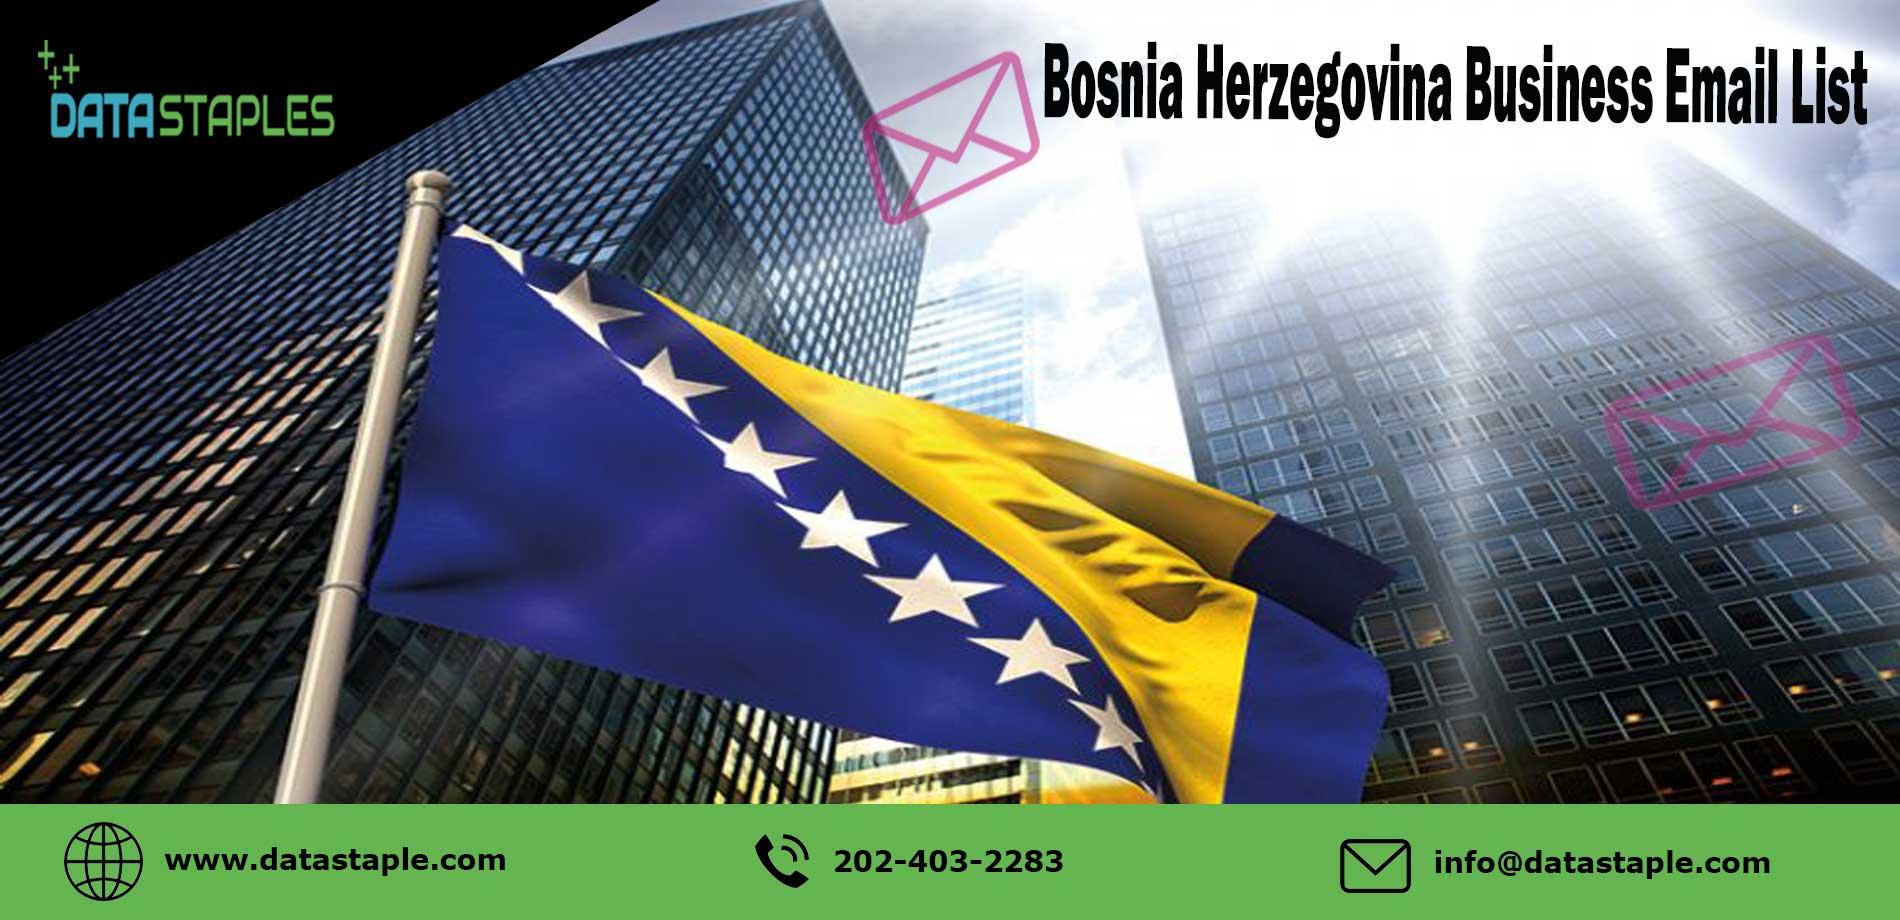 Bosnia Herzegovina Business Email List | DataStaples